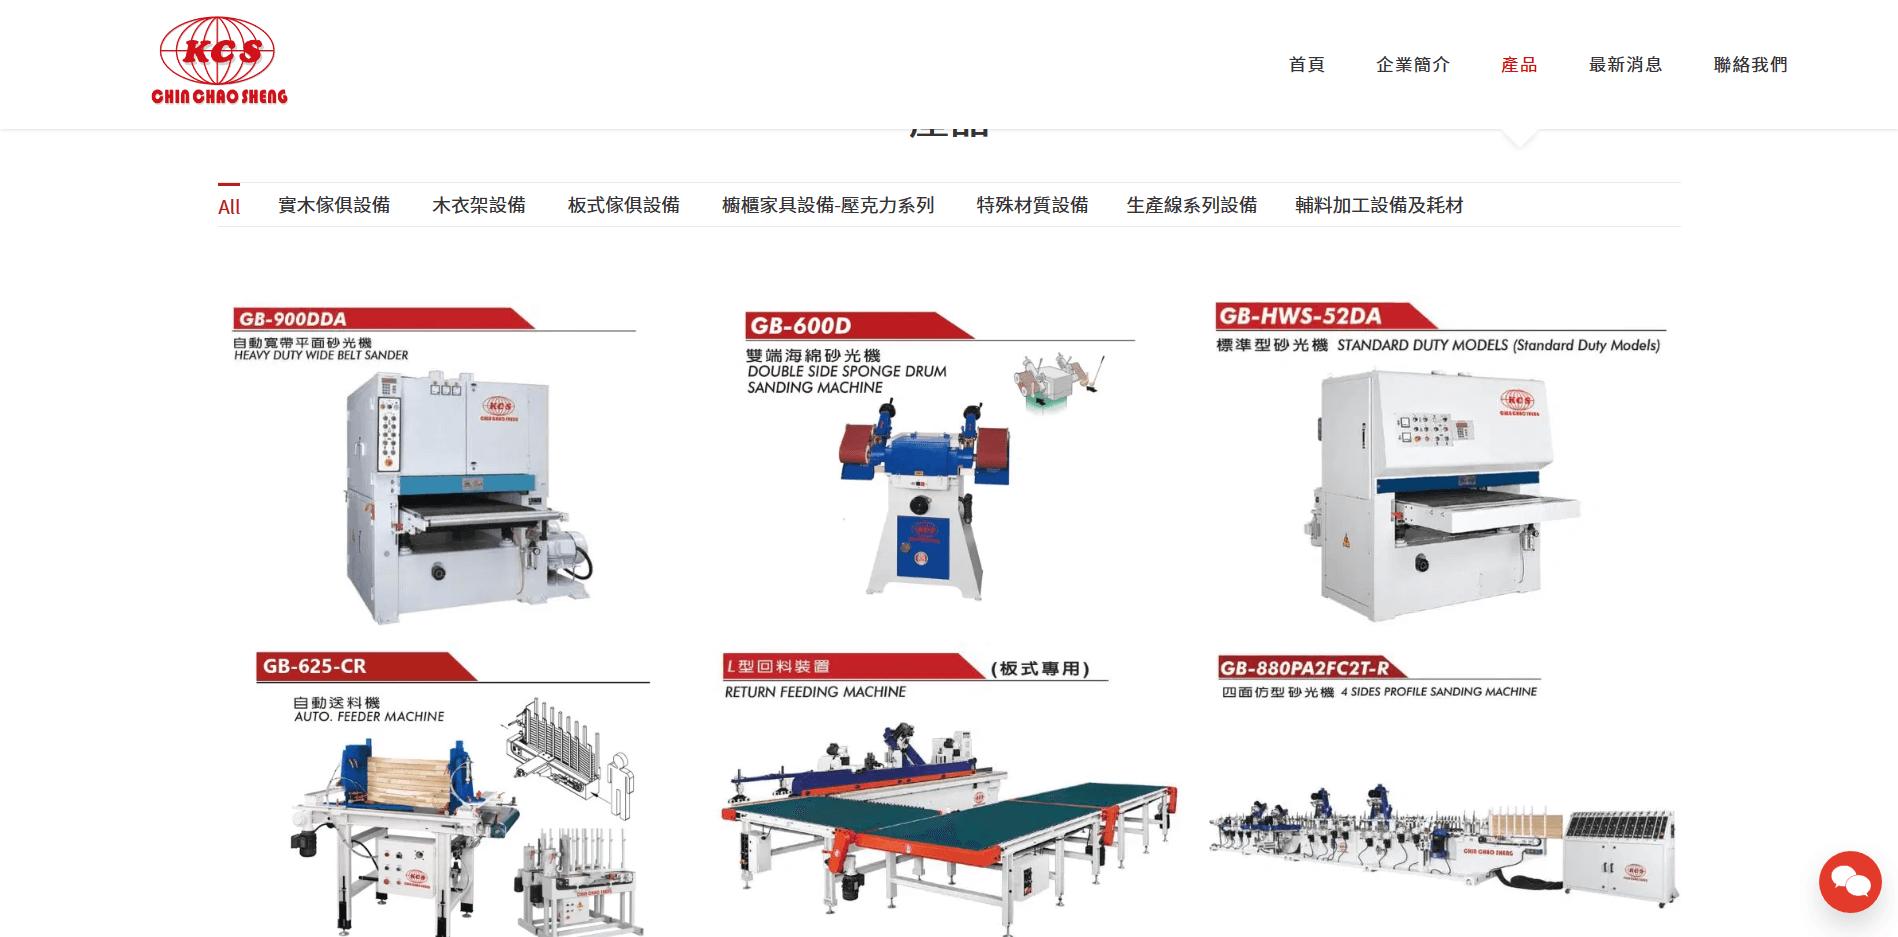 金照盛機械廠有限公司-產品圖